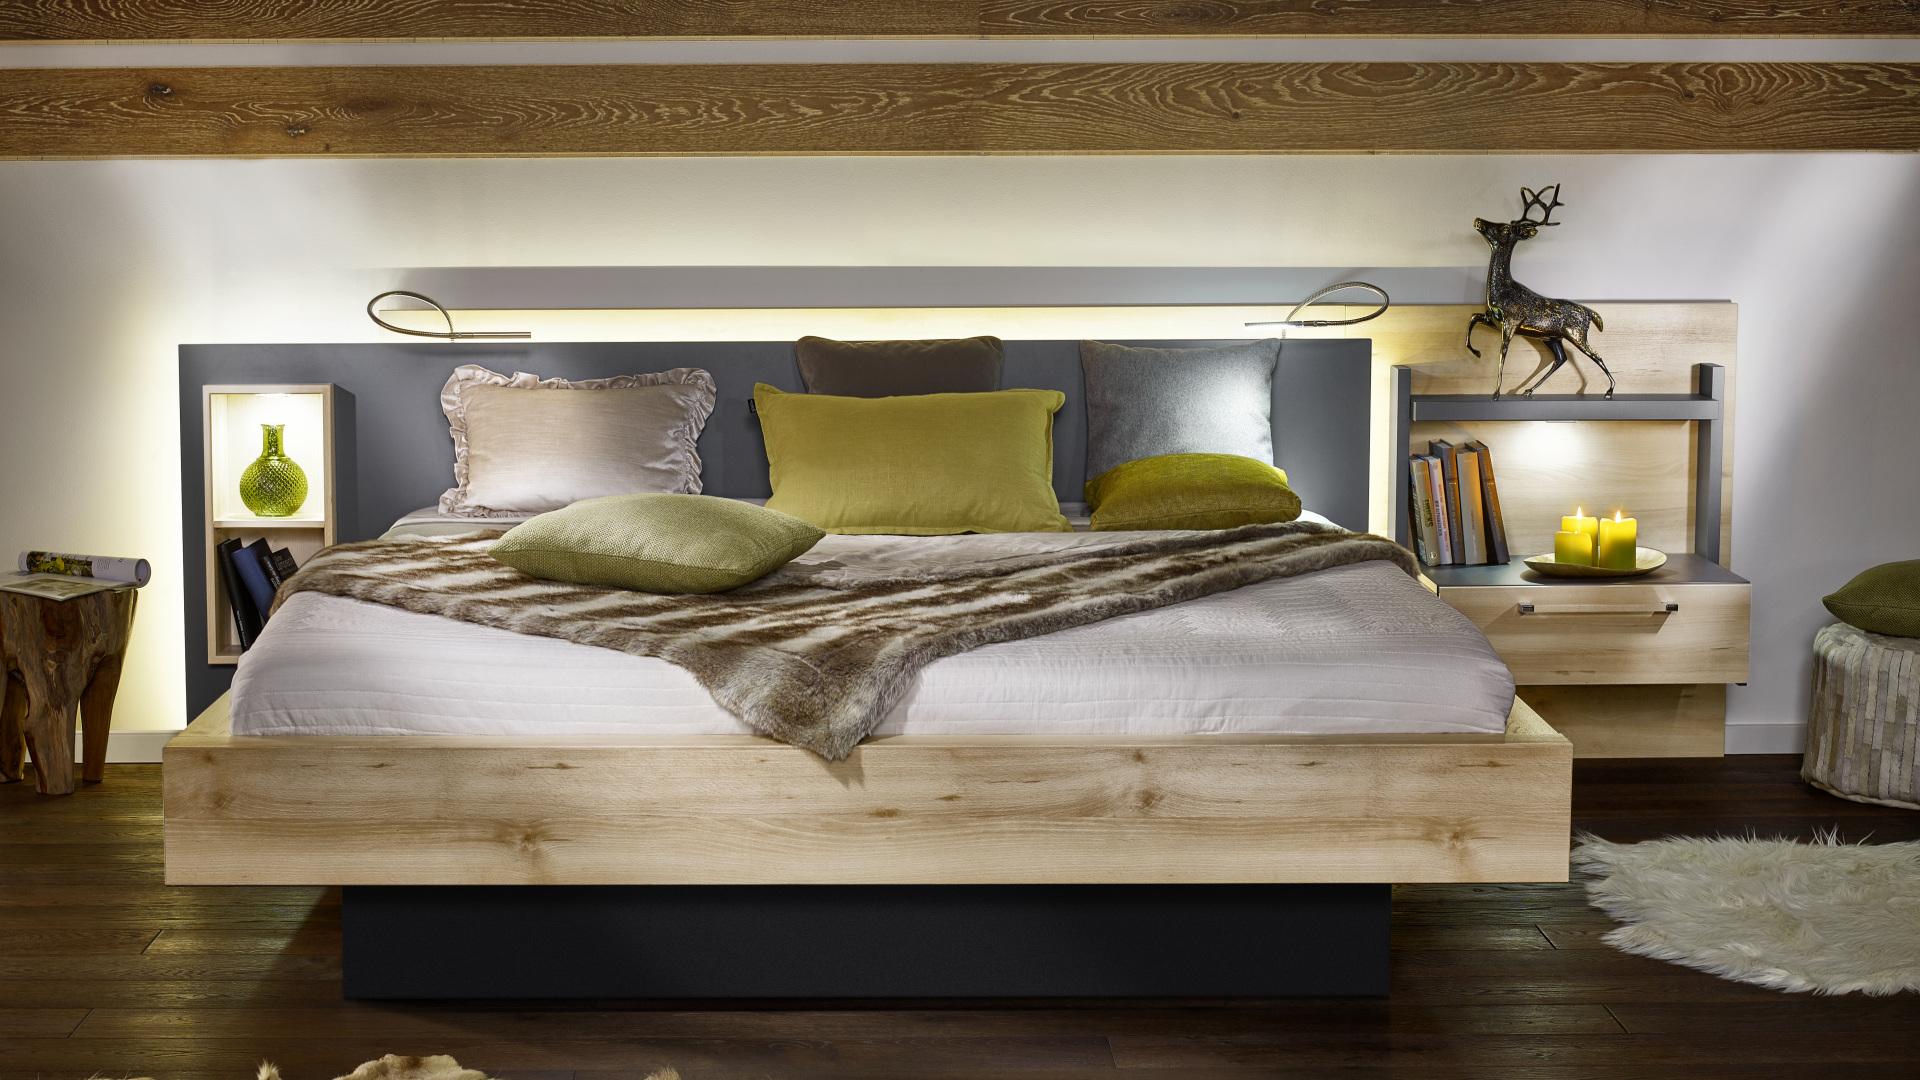 eleganckie łózko nolte z drewnianymi elementami